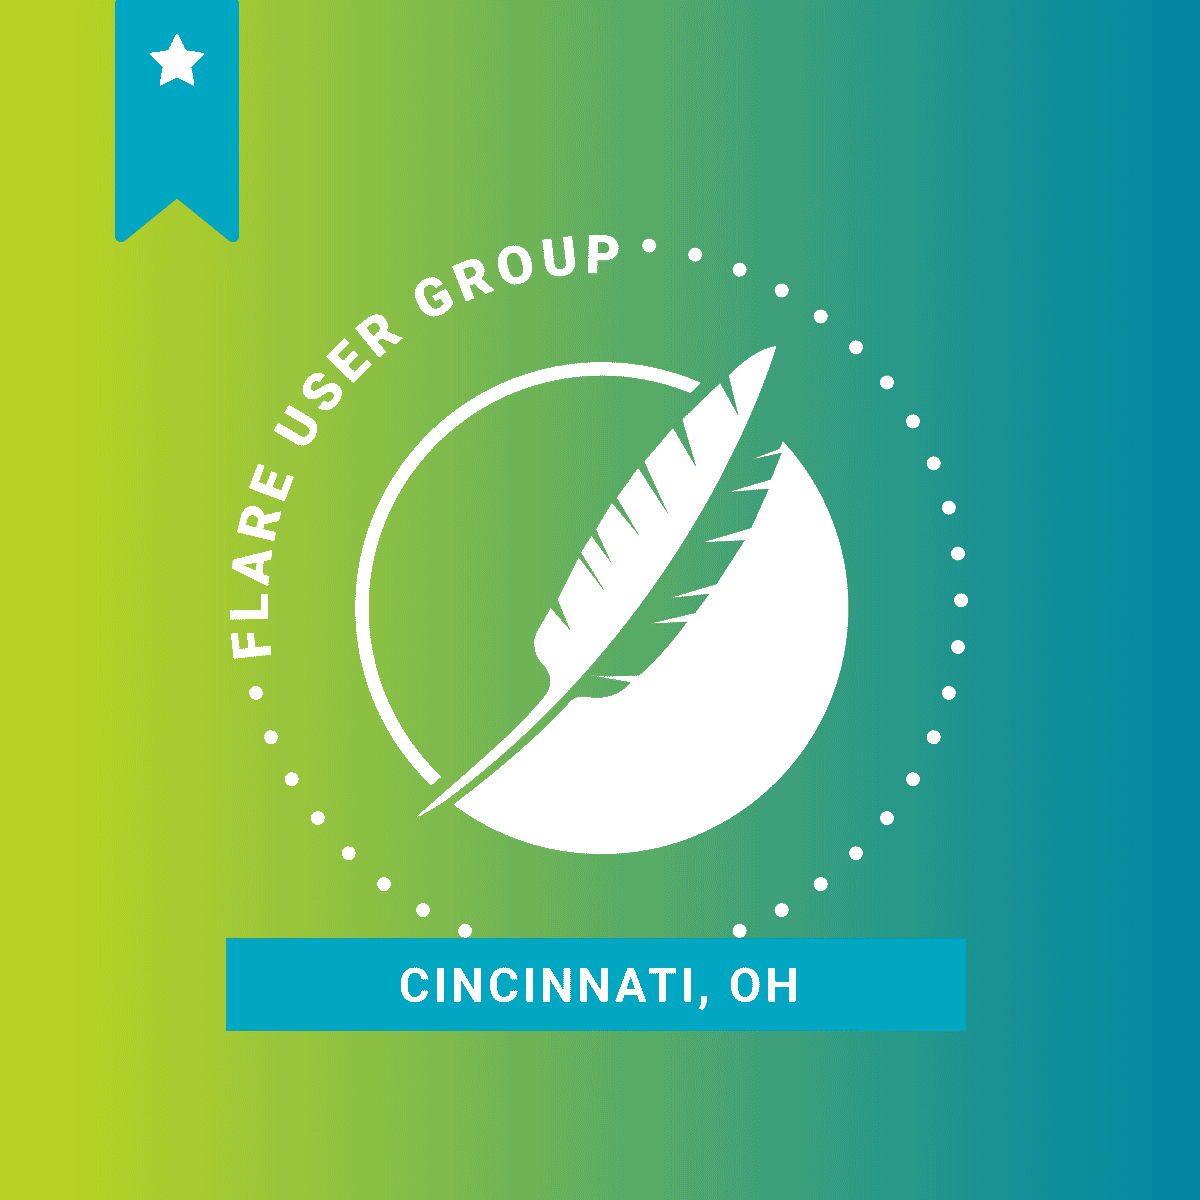 Cincinnati MadCap Flare User Group